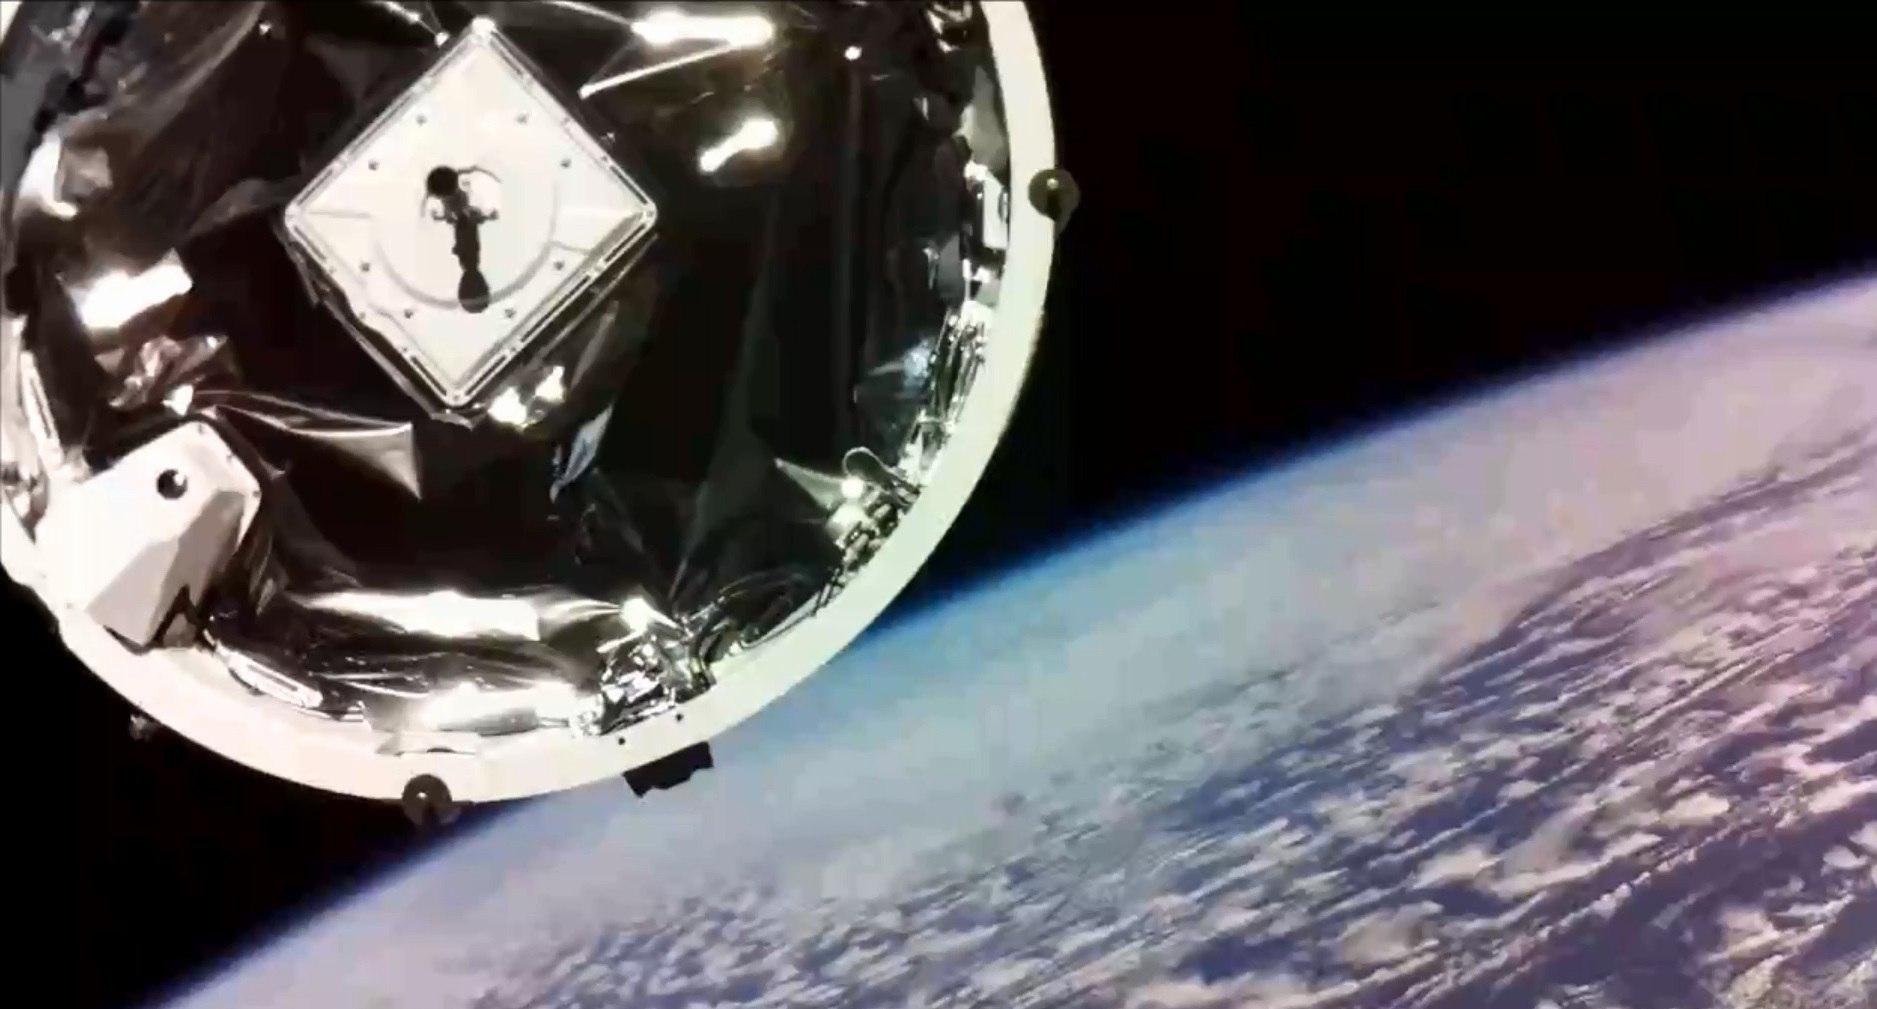 ЧПвкосмосе: новозеландский спутник Humanity Star сошел сорбиты